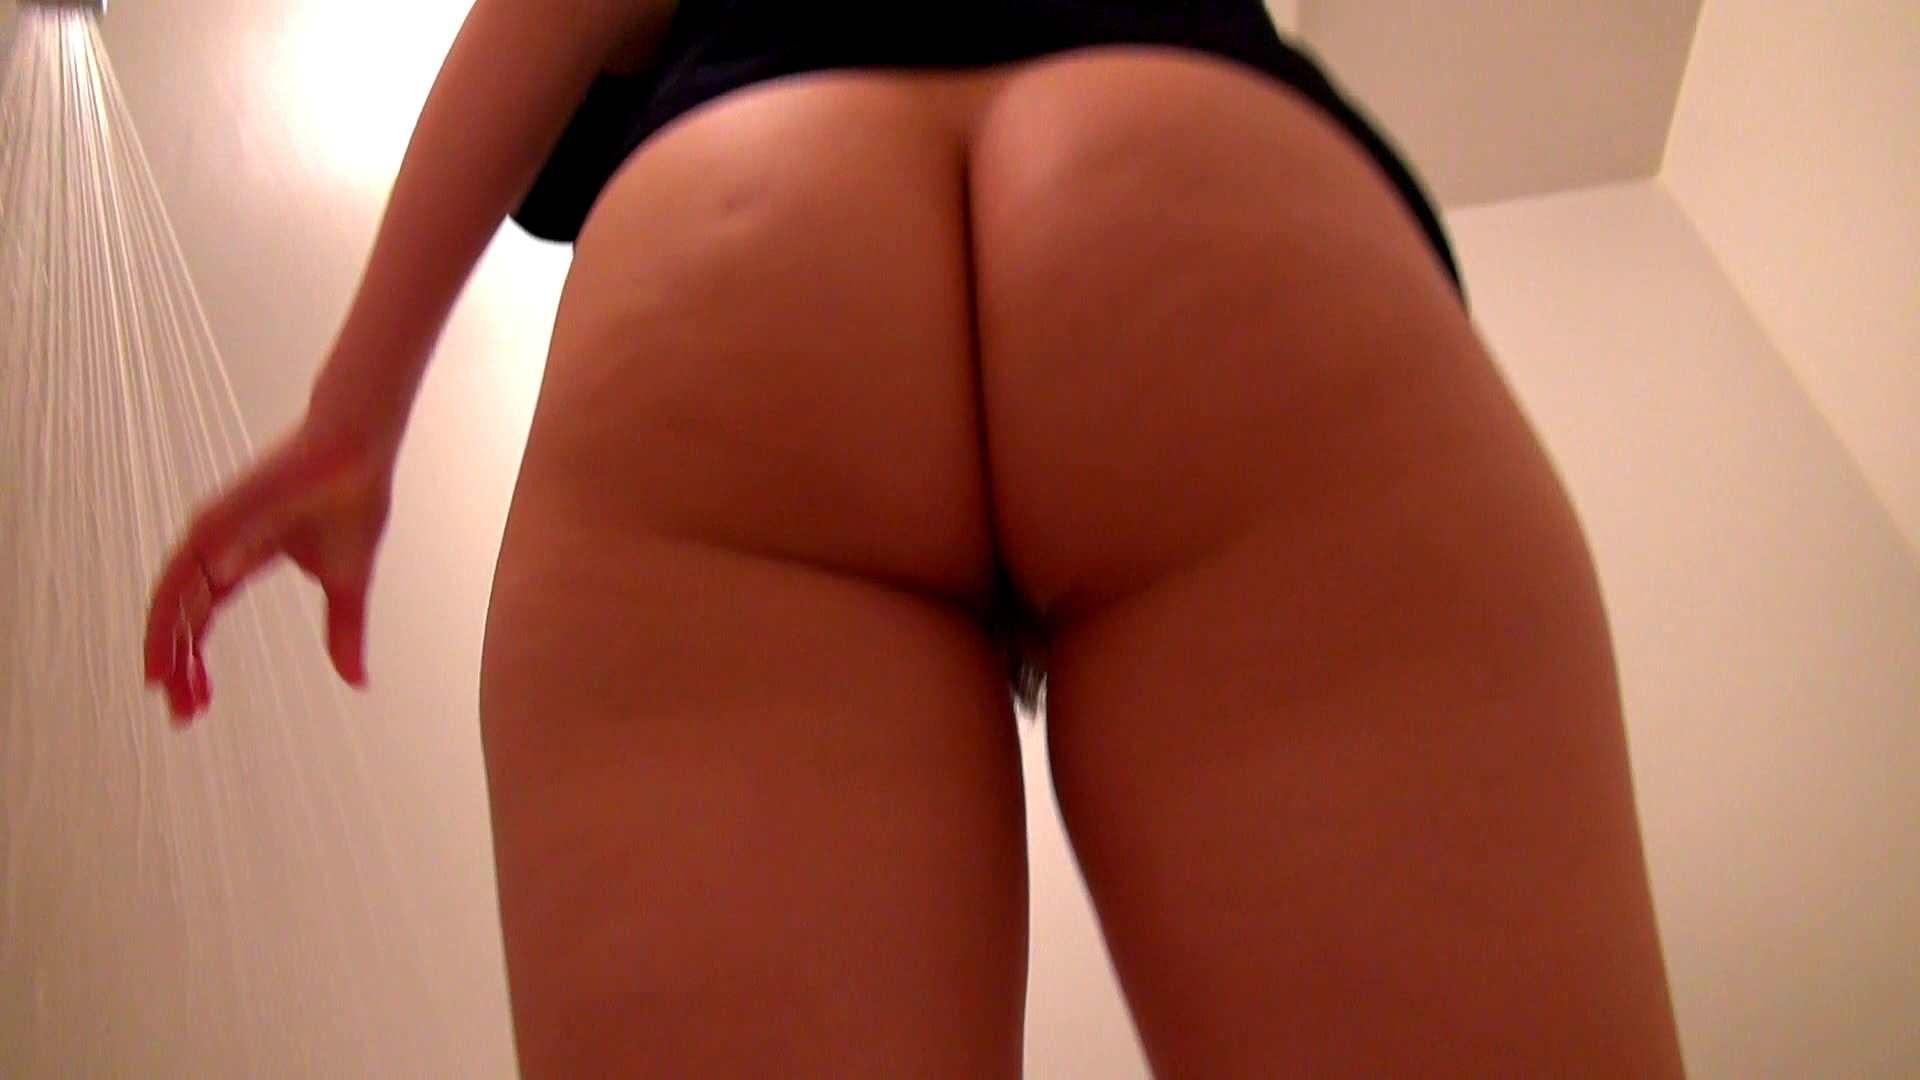 下半身裸で風呂の掃除をしてもらいました。 ドキュメント  104枚 92